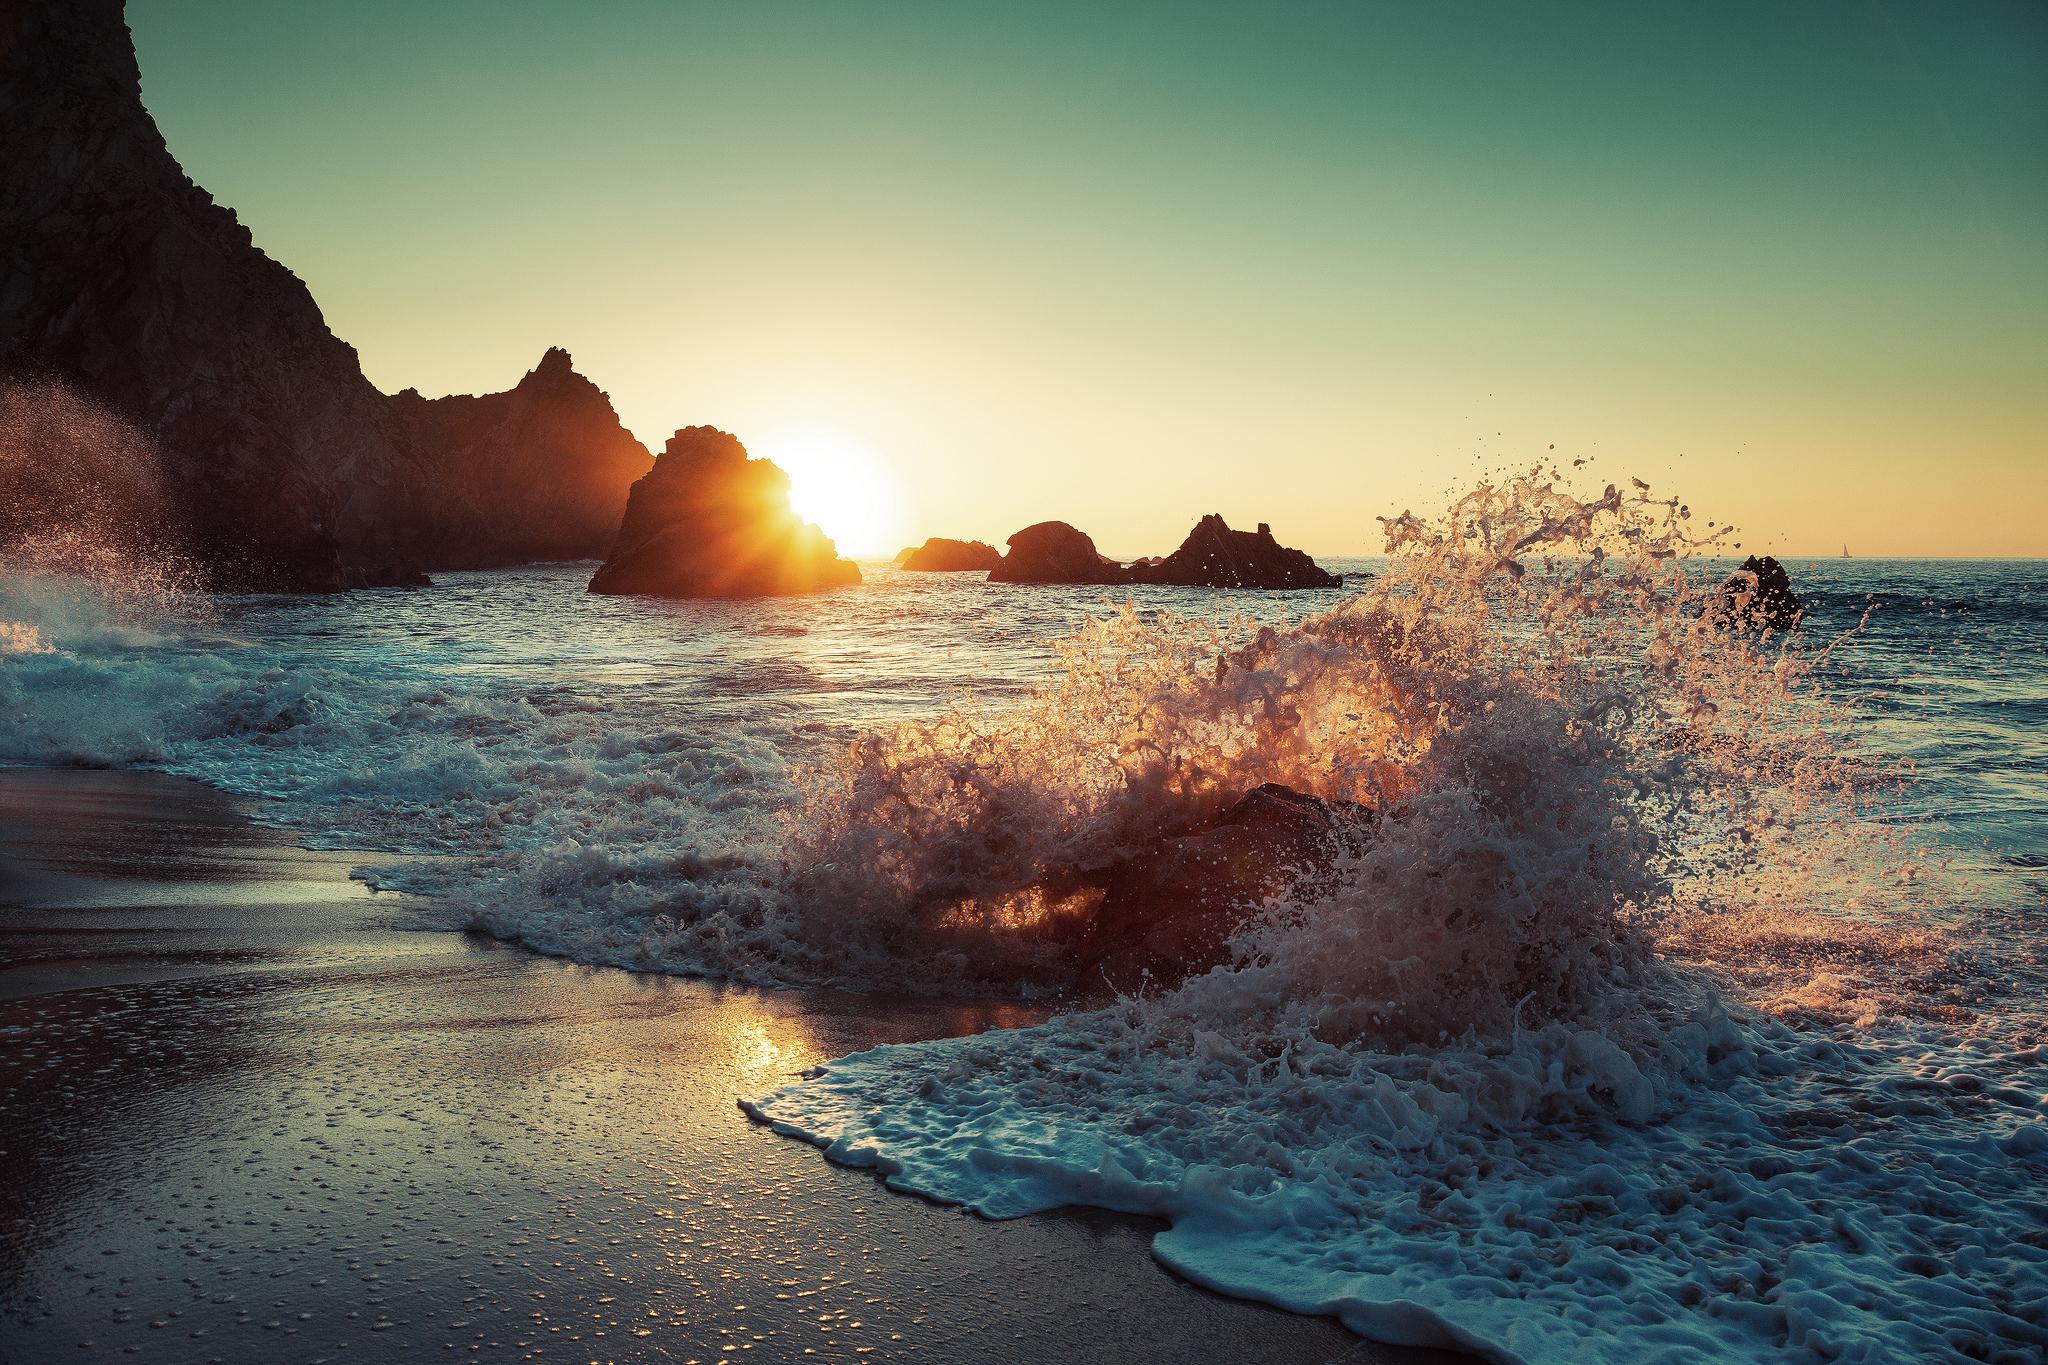 ценят картинка волна утром первичной стадии она